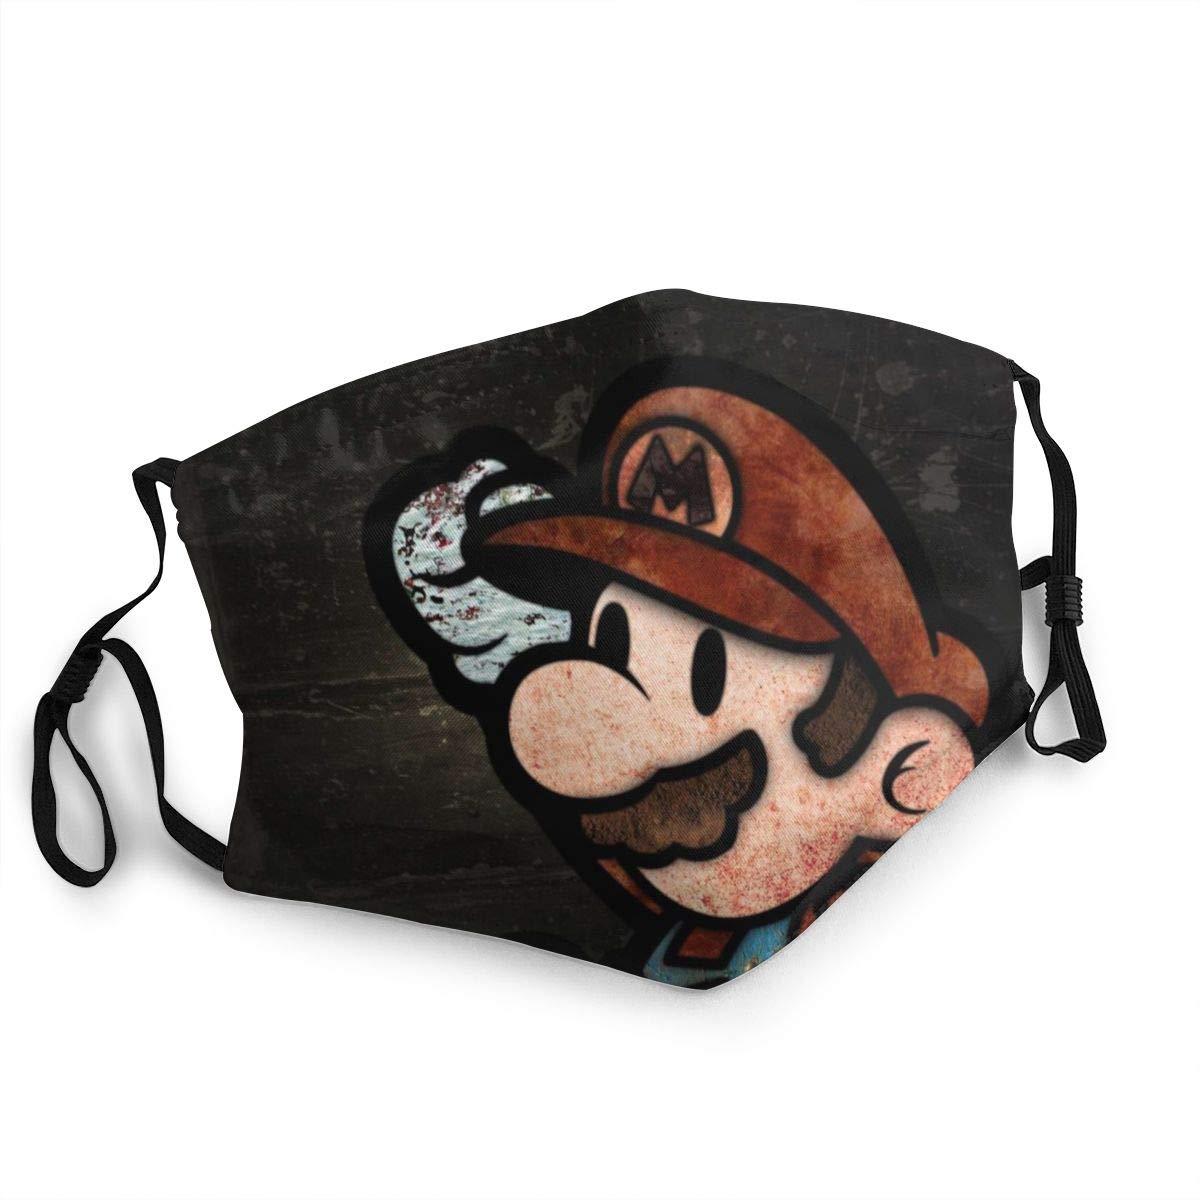 Protector bucal unisex Mario Super Marika Hecho de tela lavable adecuado para pasamontañas de deportes al aire libre cubierta de protección contra el polvo y la contaminación